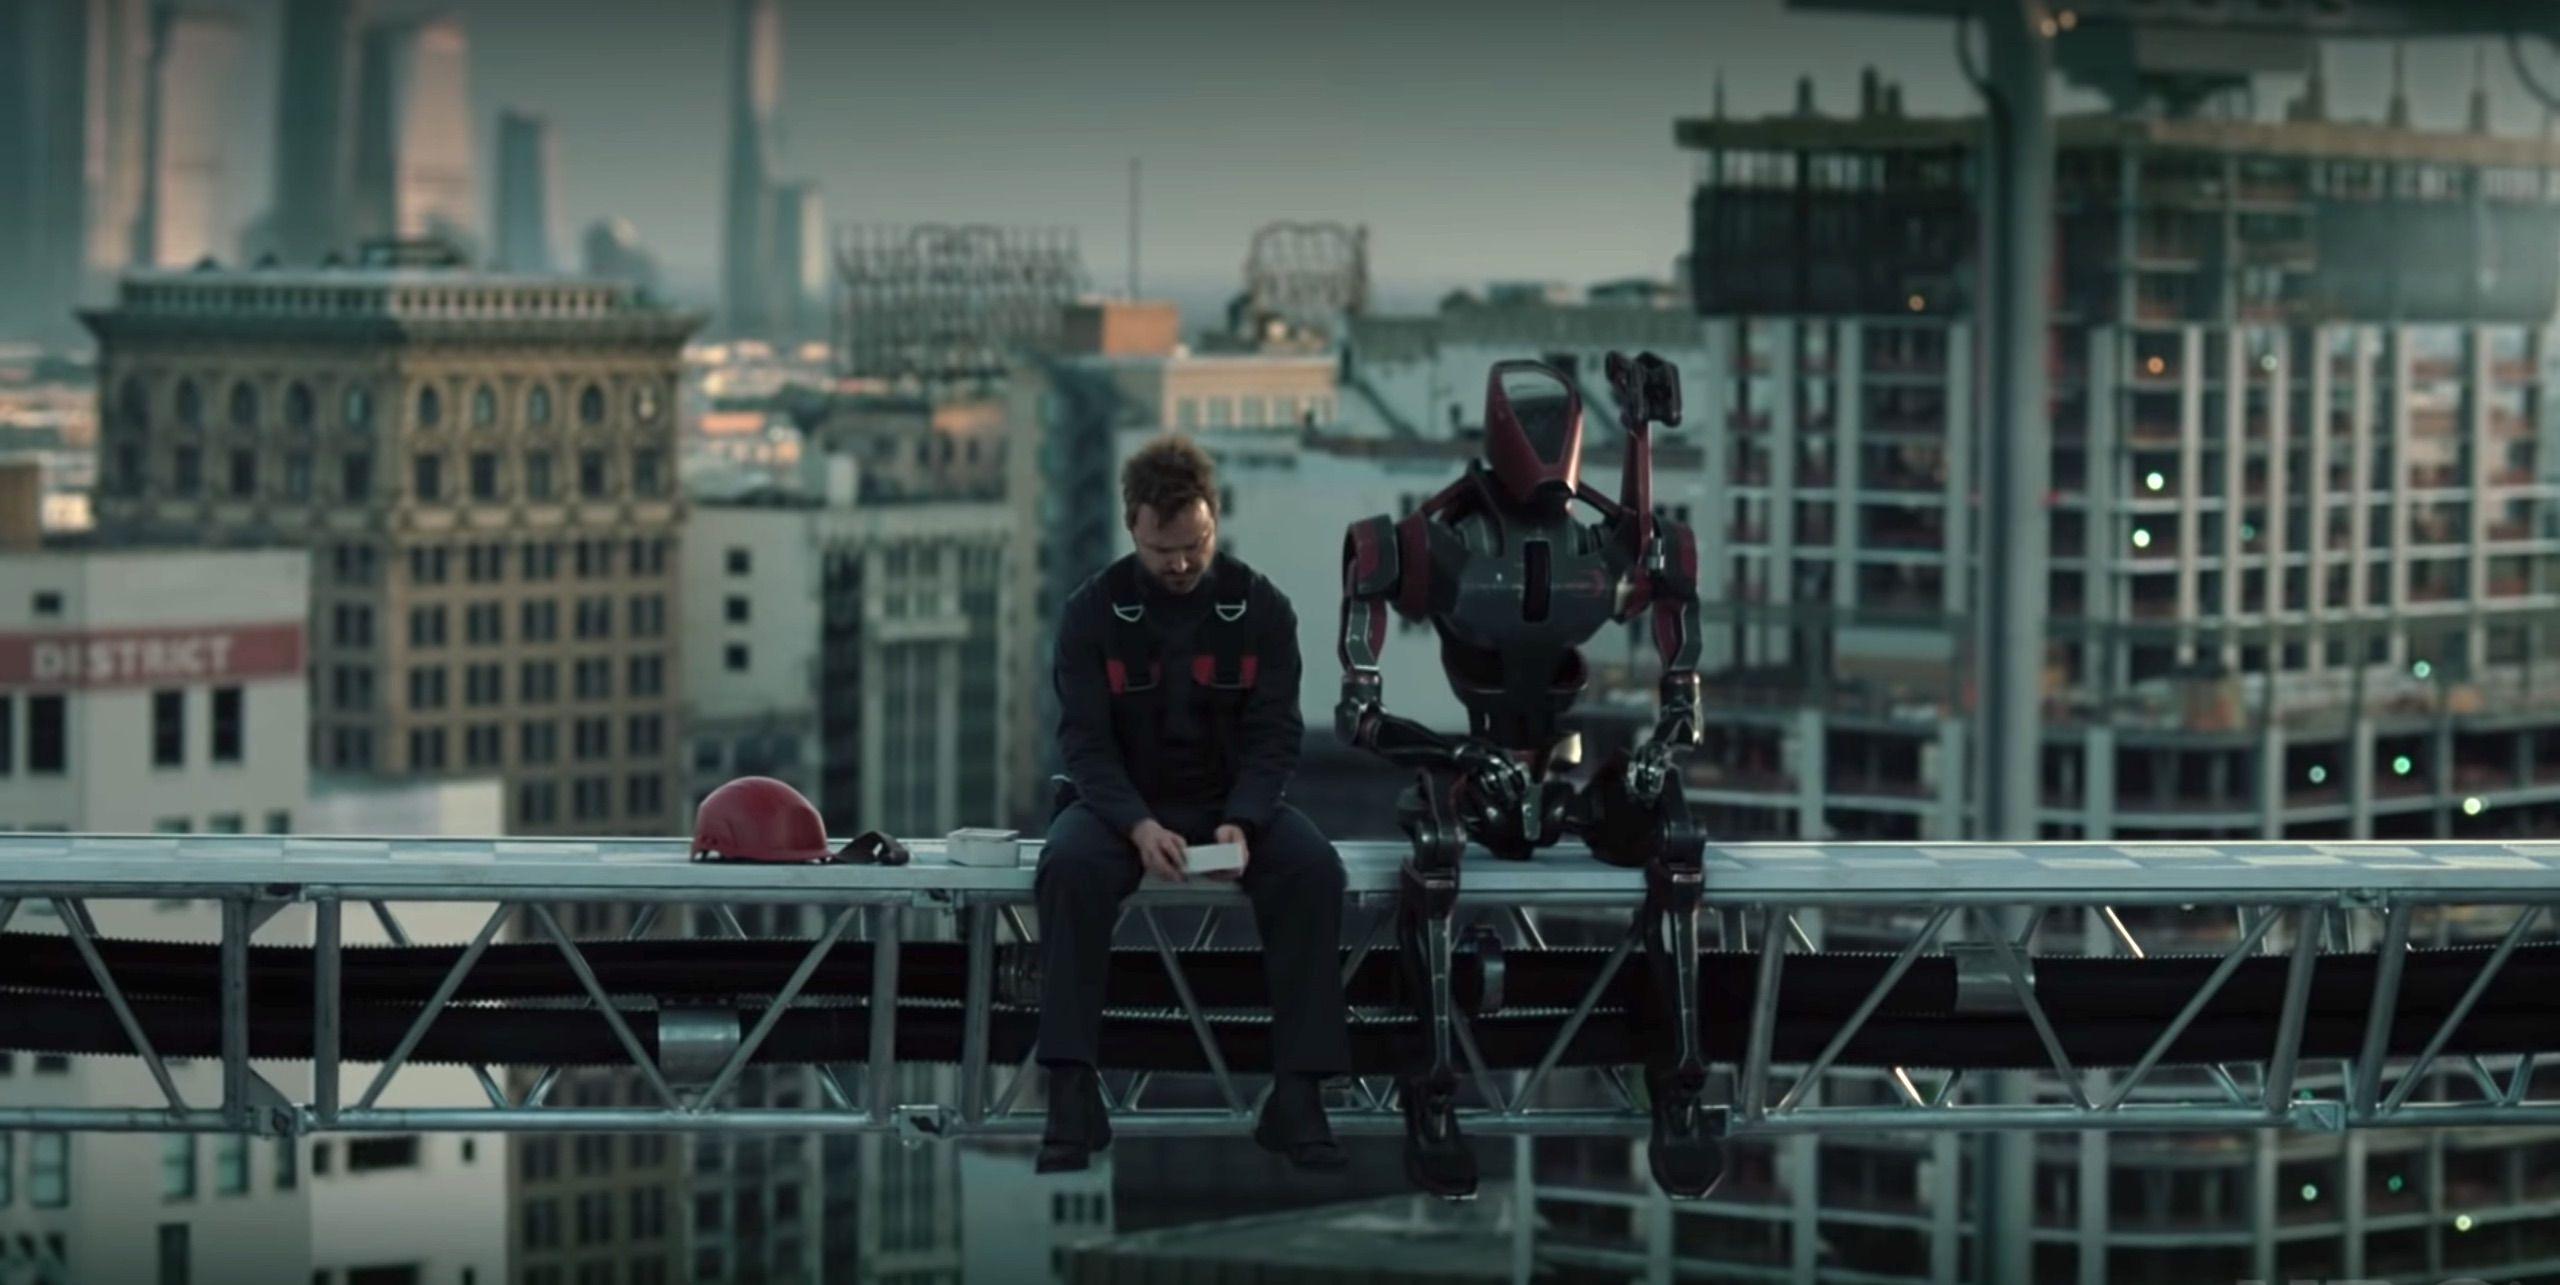 Westworld season 3 - trailer, release date, cast, plot